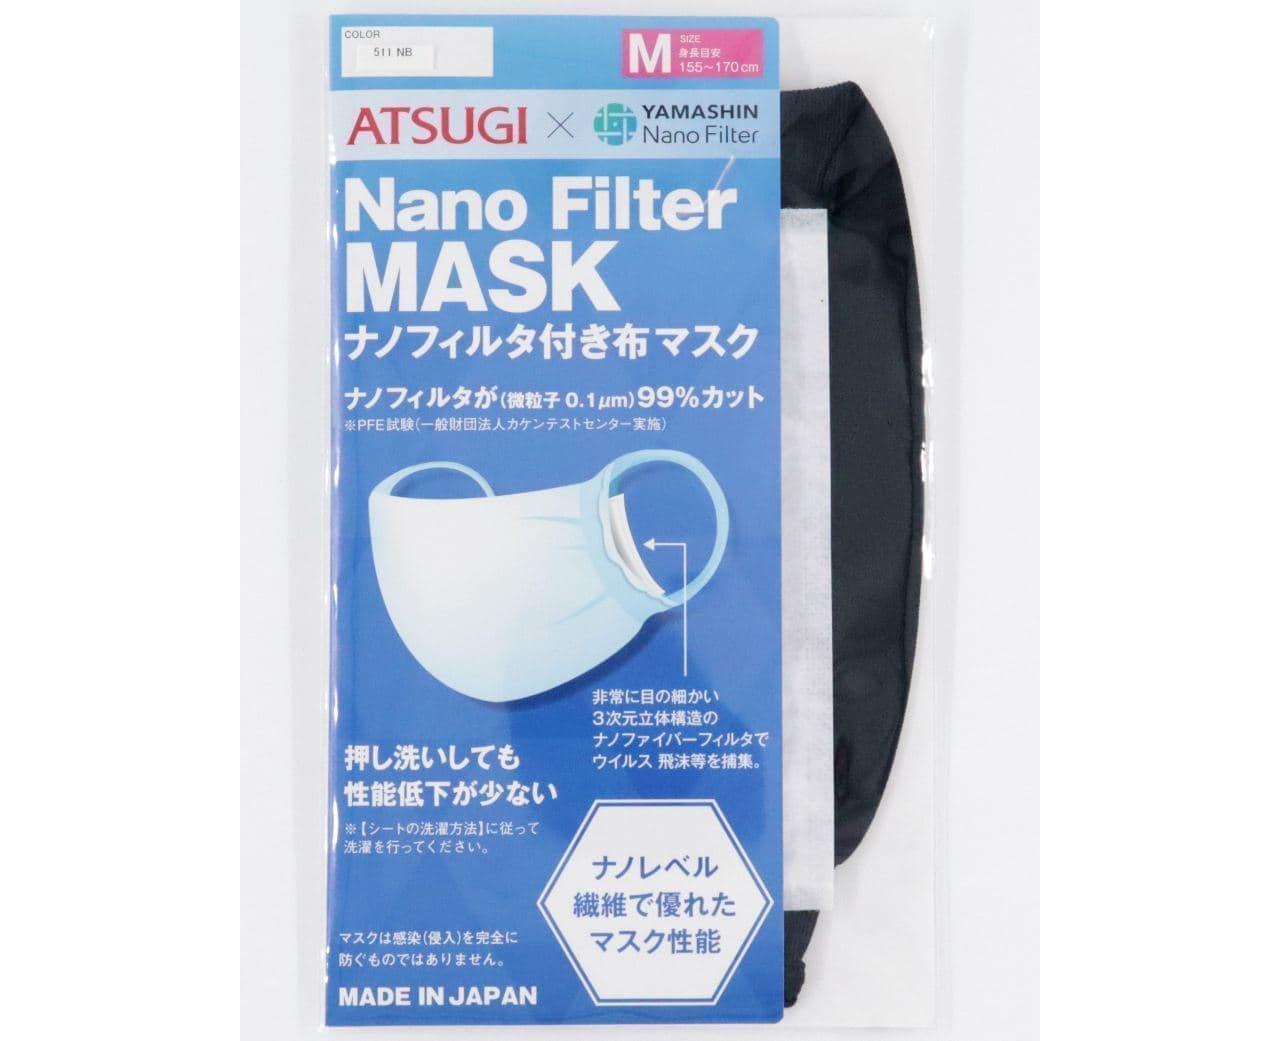 ストッキングのアツギから「Nano Filter MASK」発売